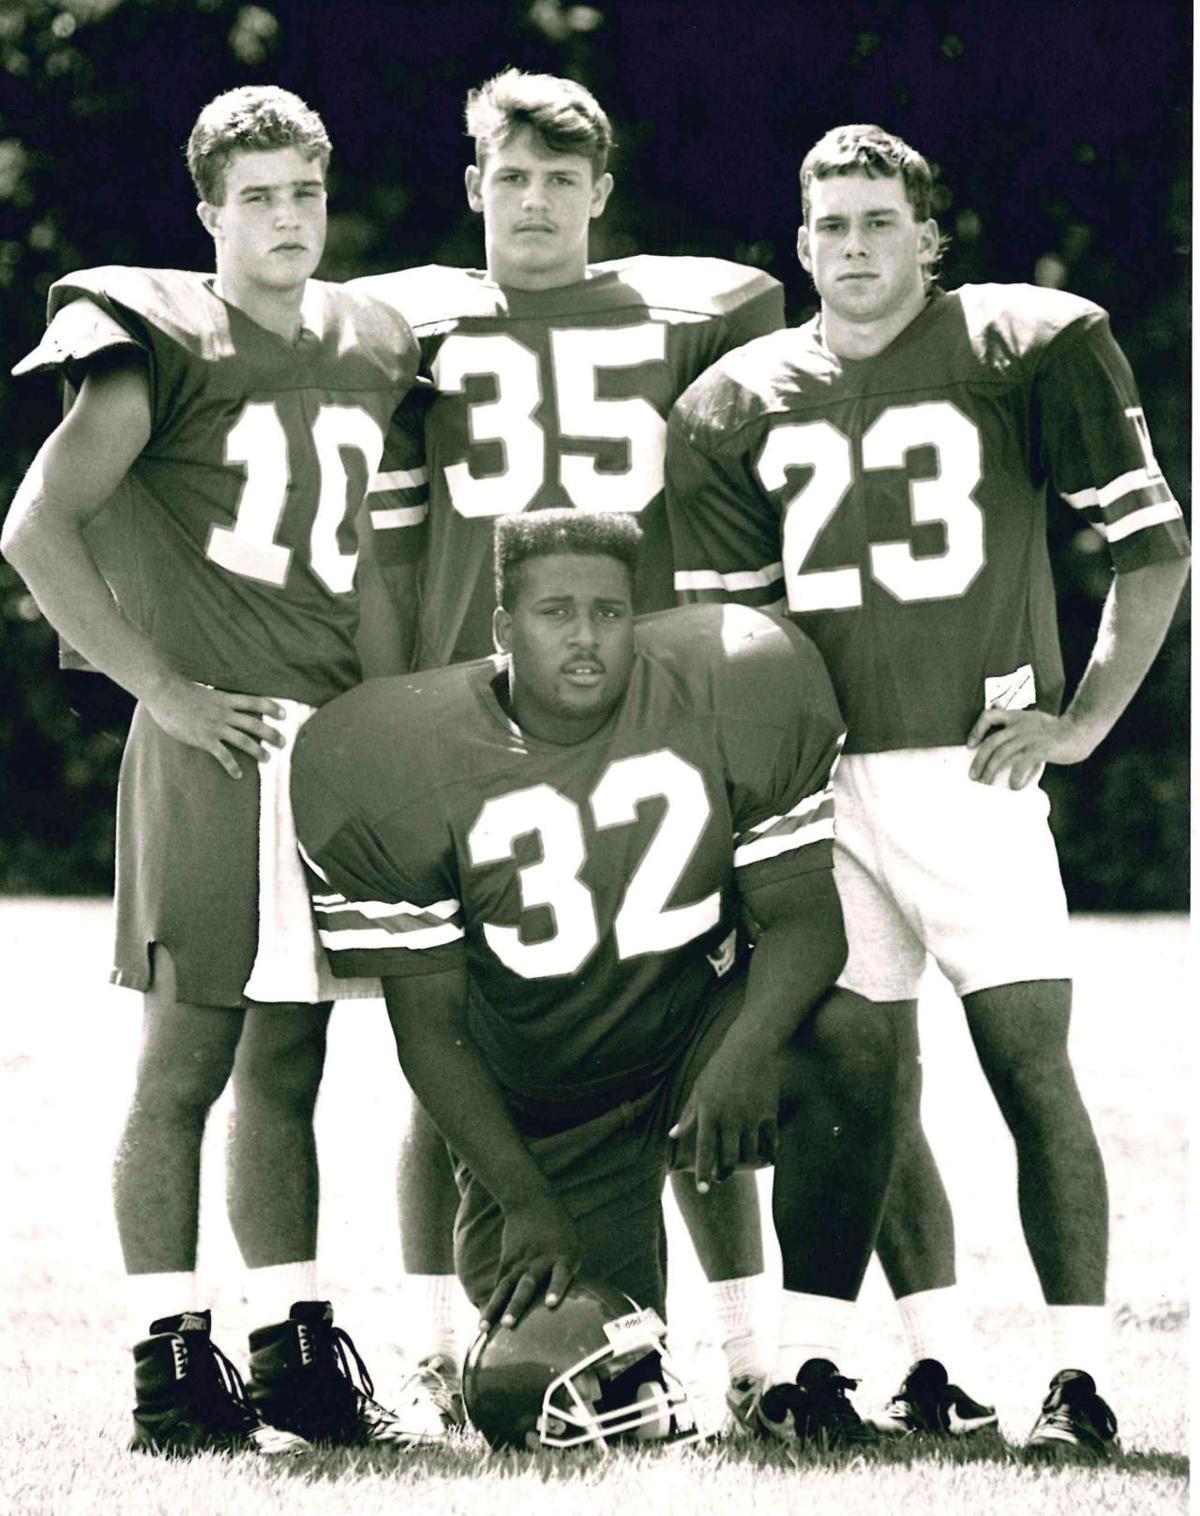 Stephen Decatur High School, 1992